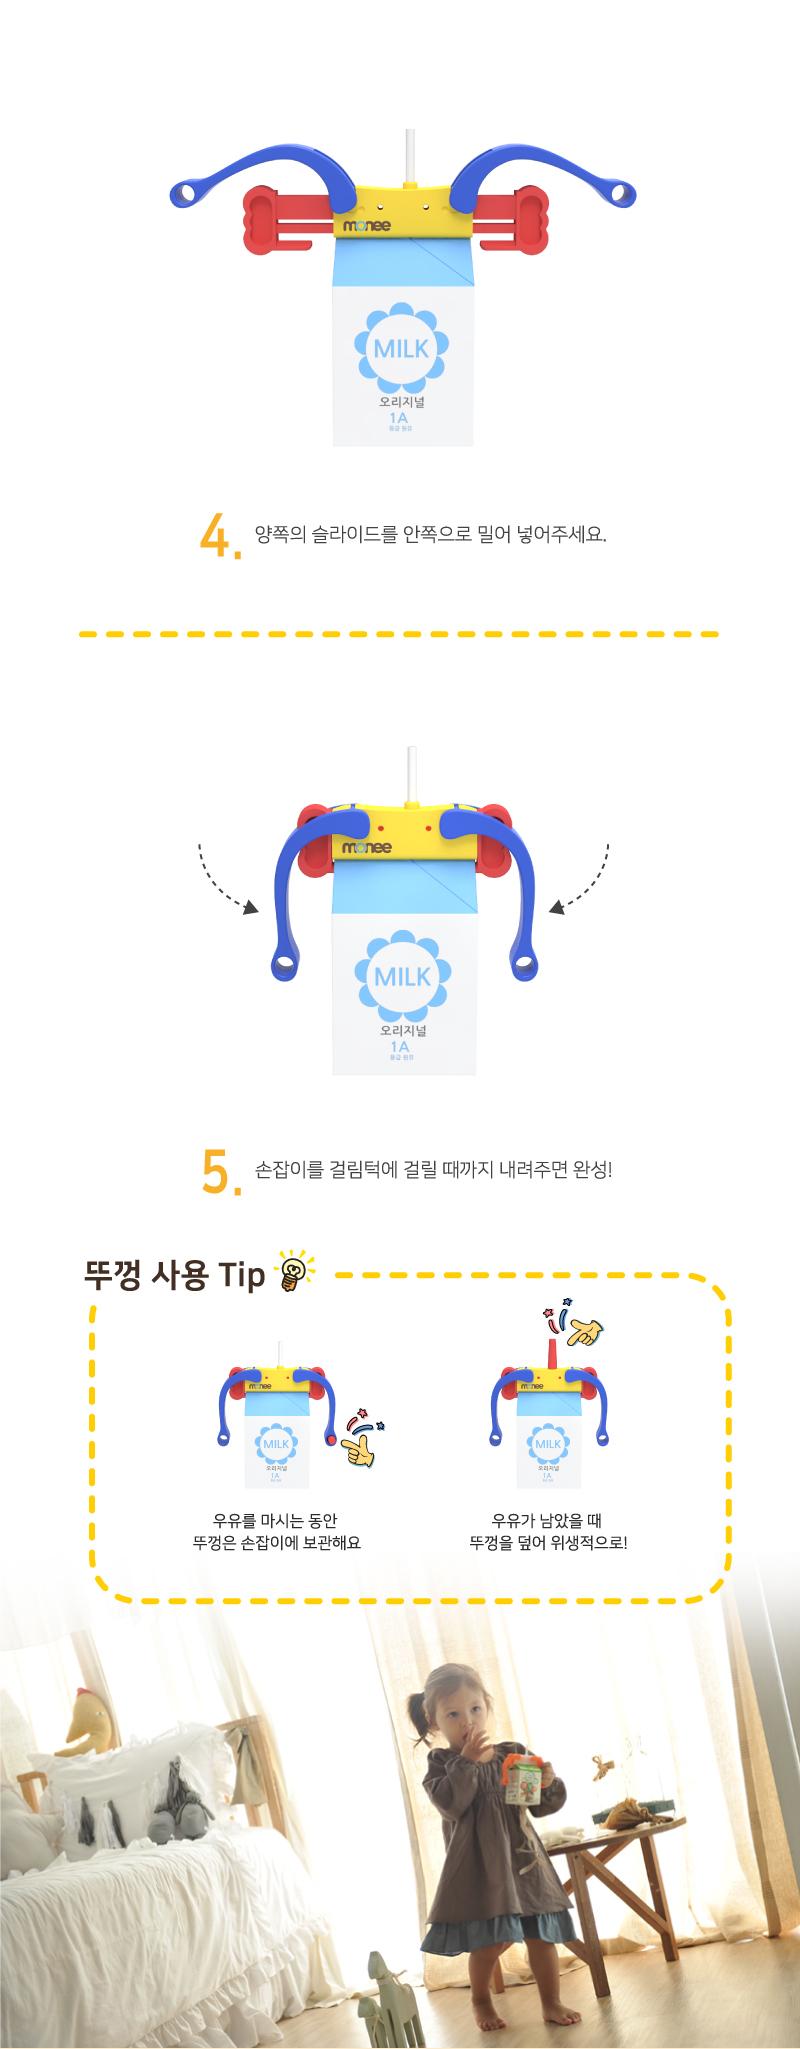 모니 이유식용품 출산 육아 빨대컵 우유팩 우유클립 - 모니, 13,000원, 유아식기/용품, 컵/빨대컵/물병